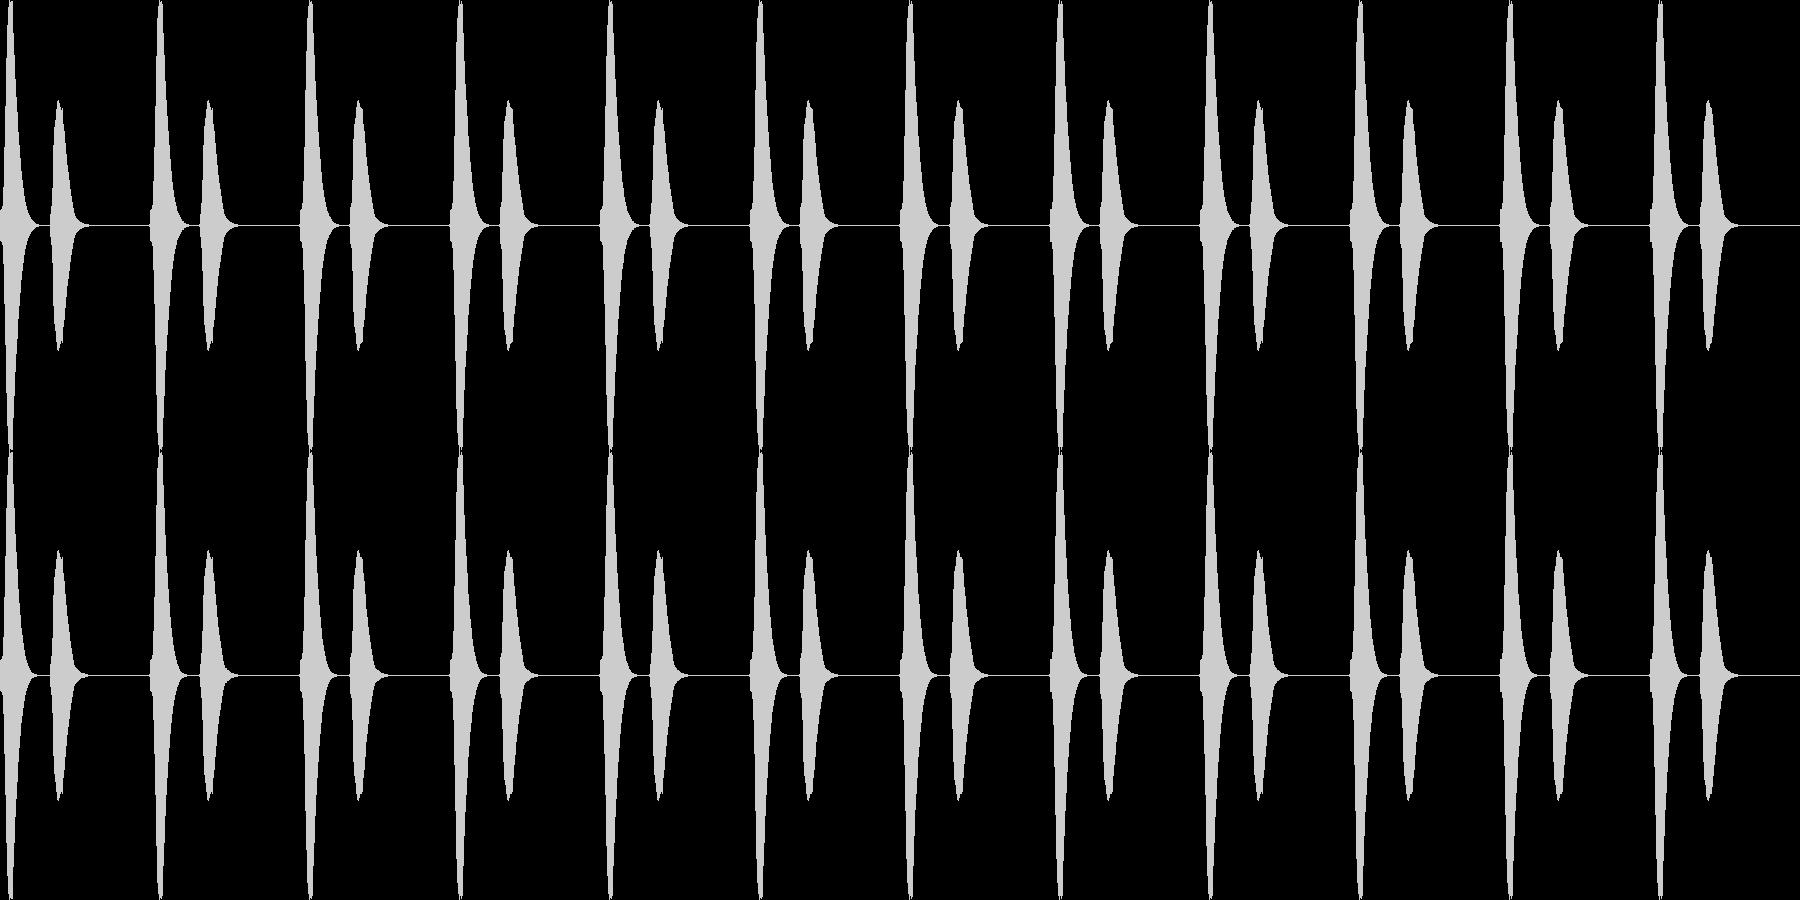 ポッポー...。鳩時計の時報D(低・長)の未再生の波形